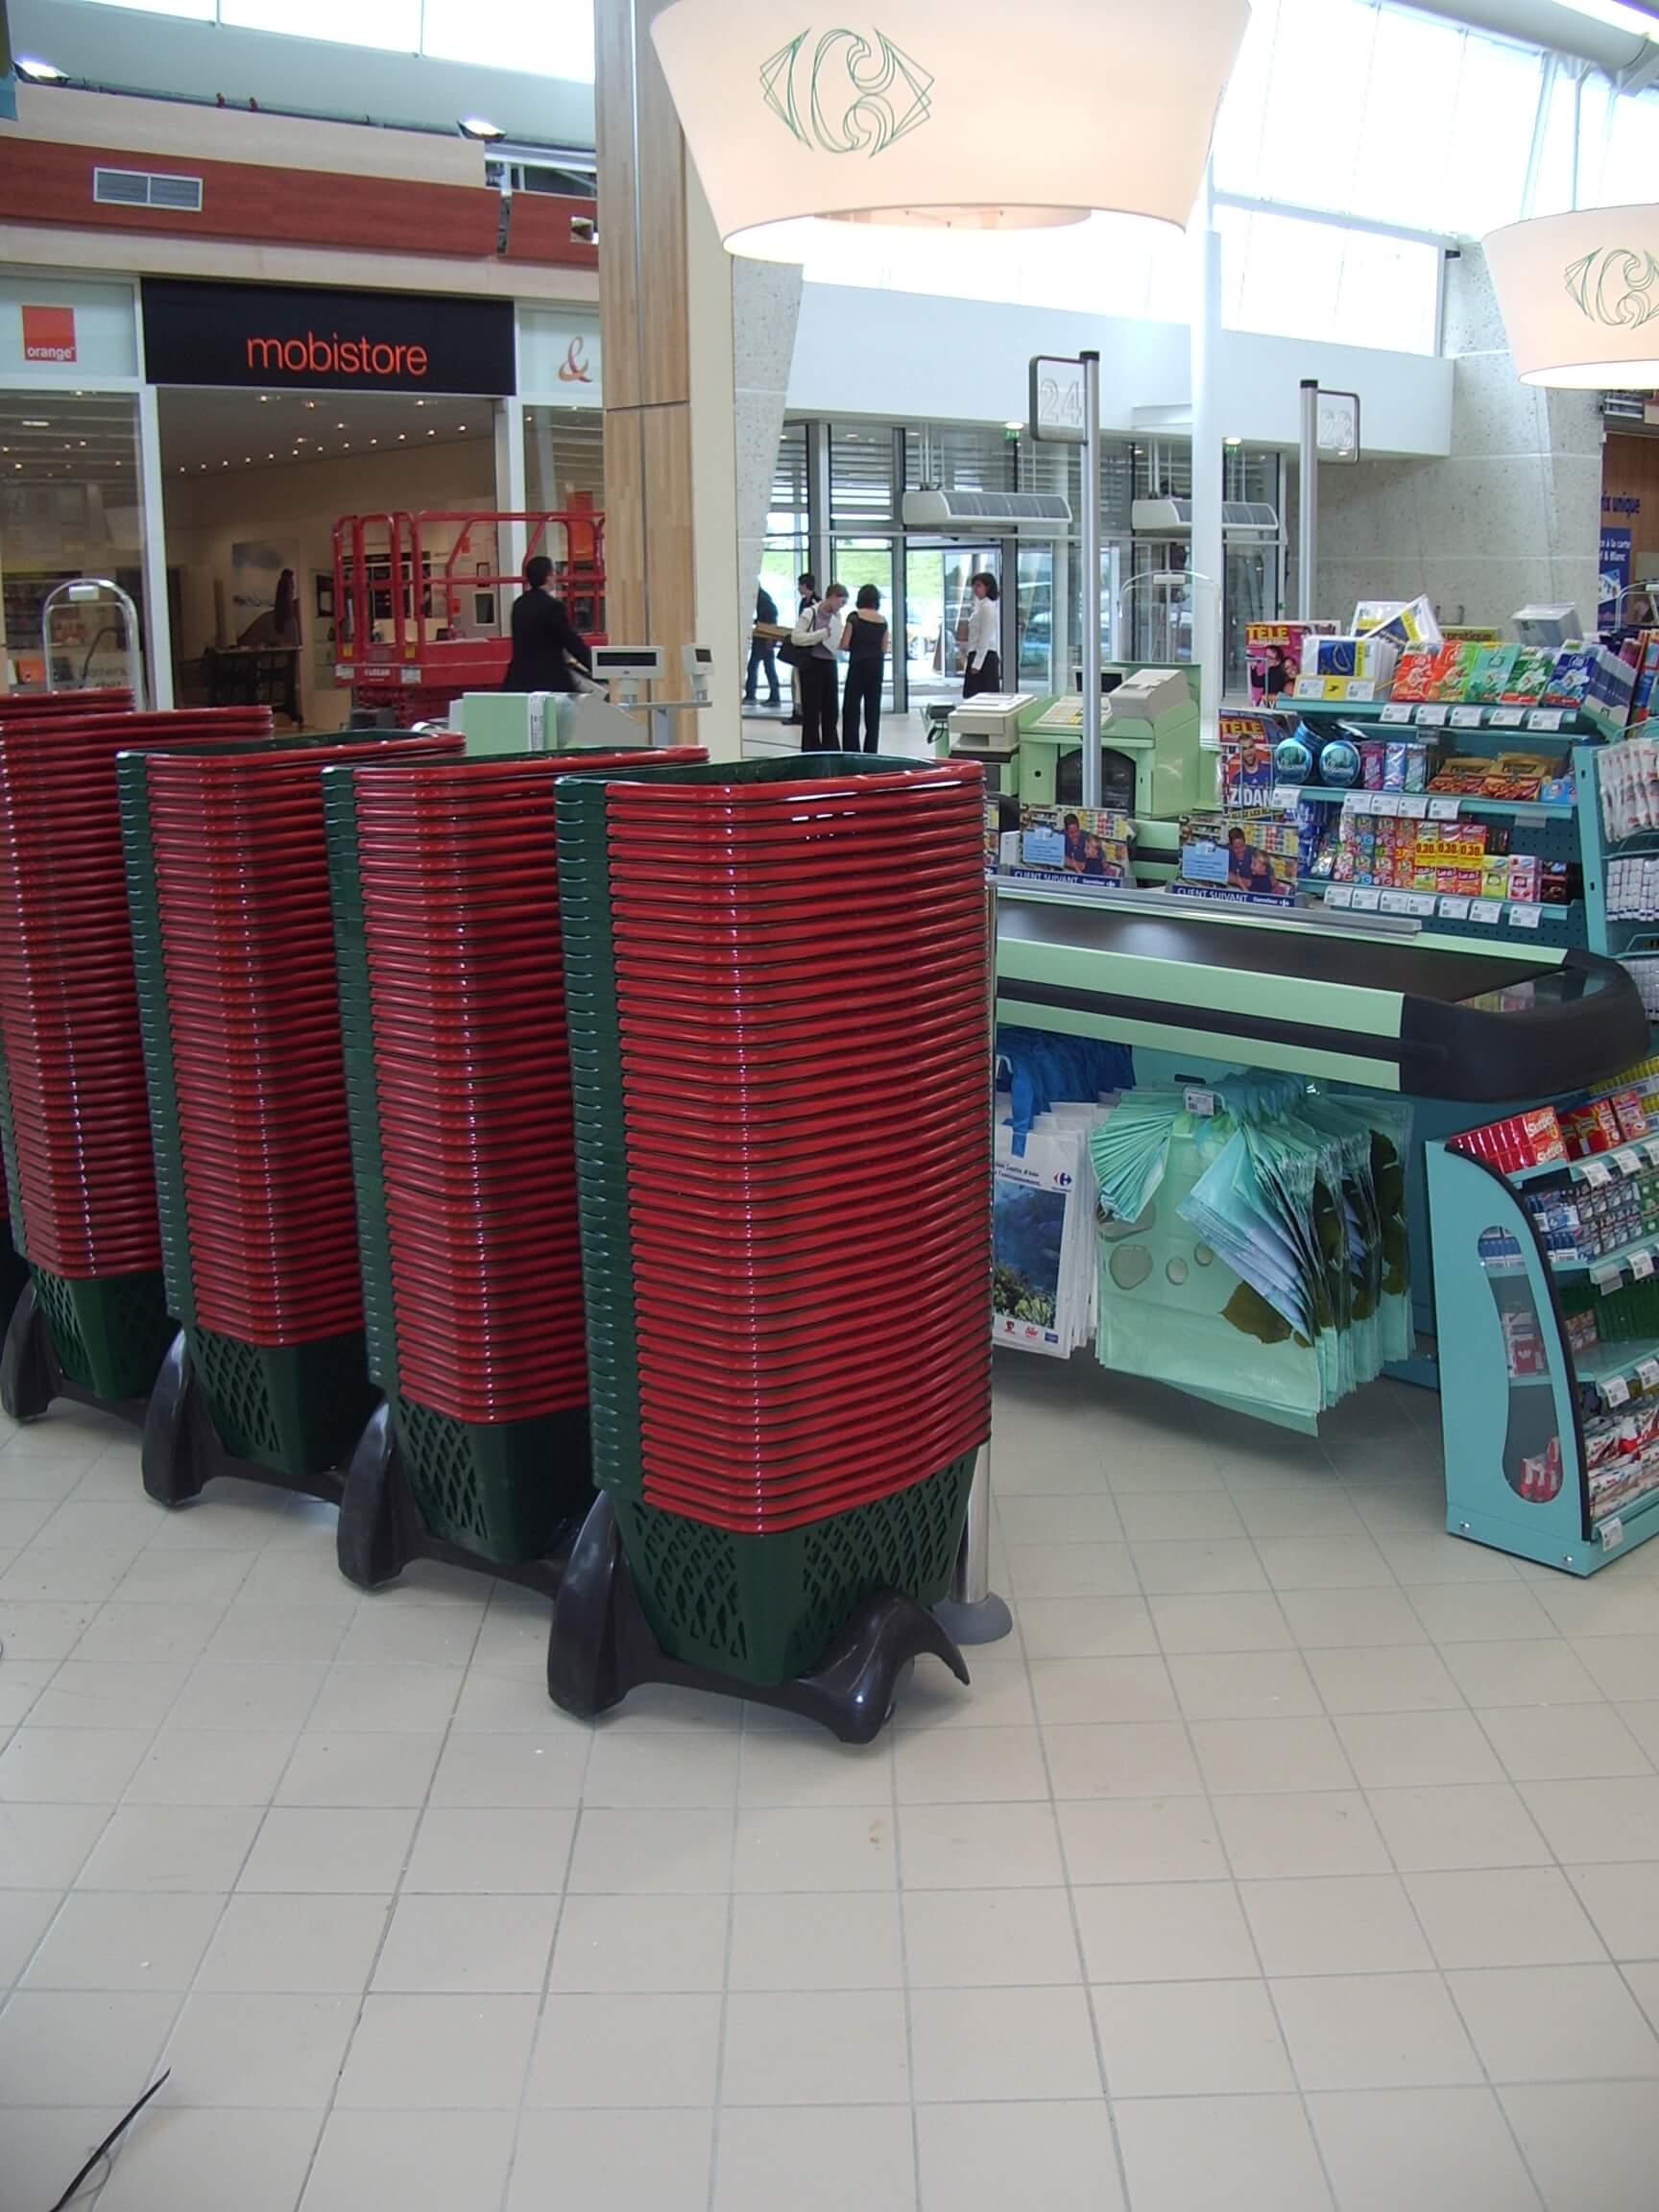 Shopping Baskets Stacked on Wheeled Holder